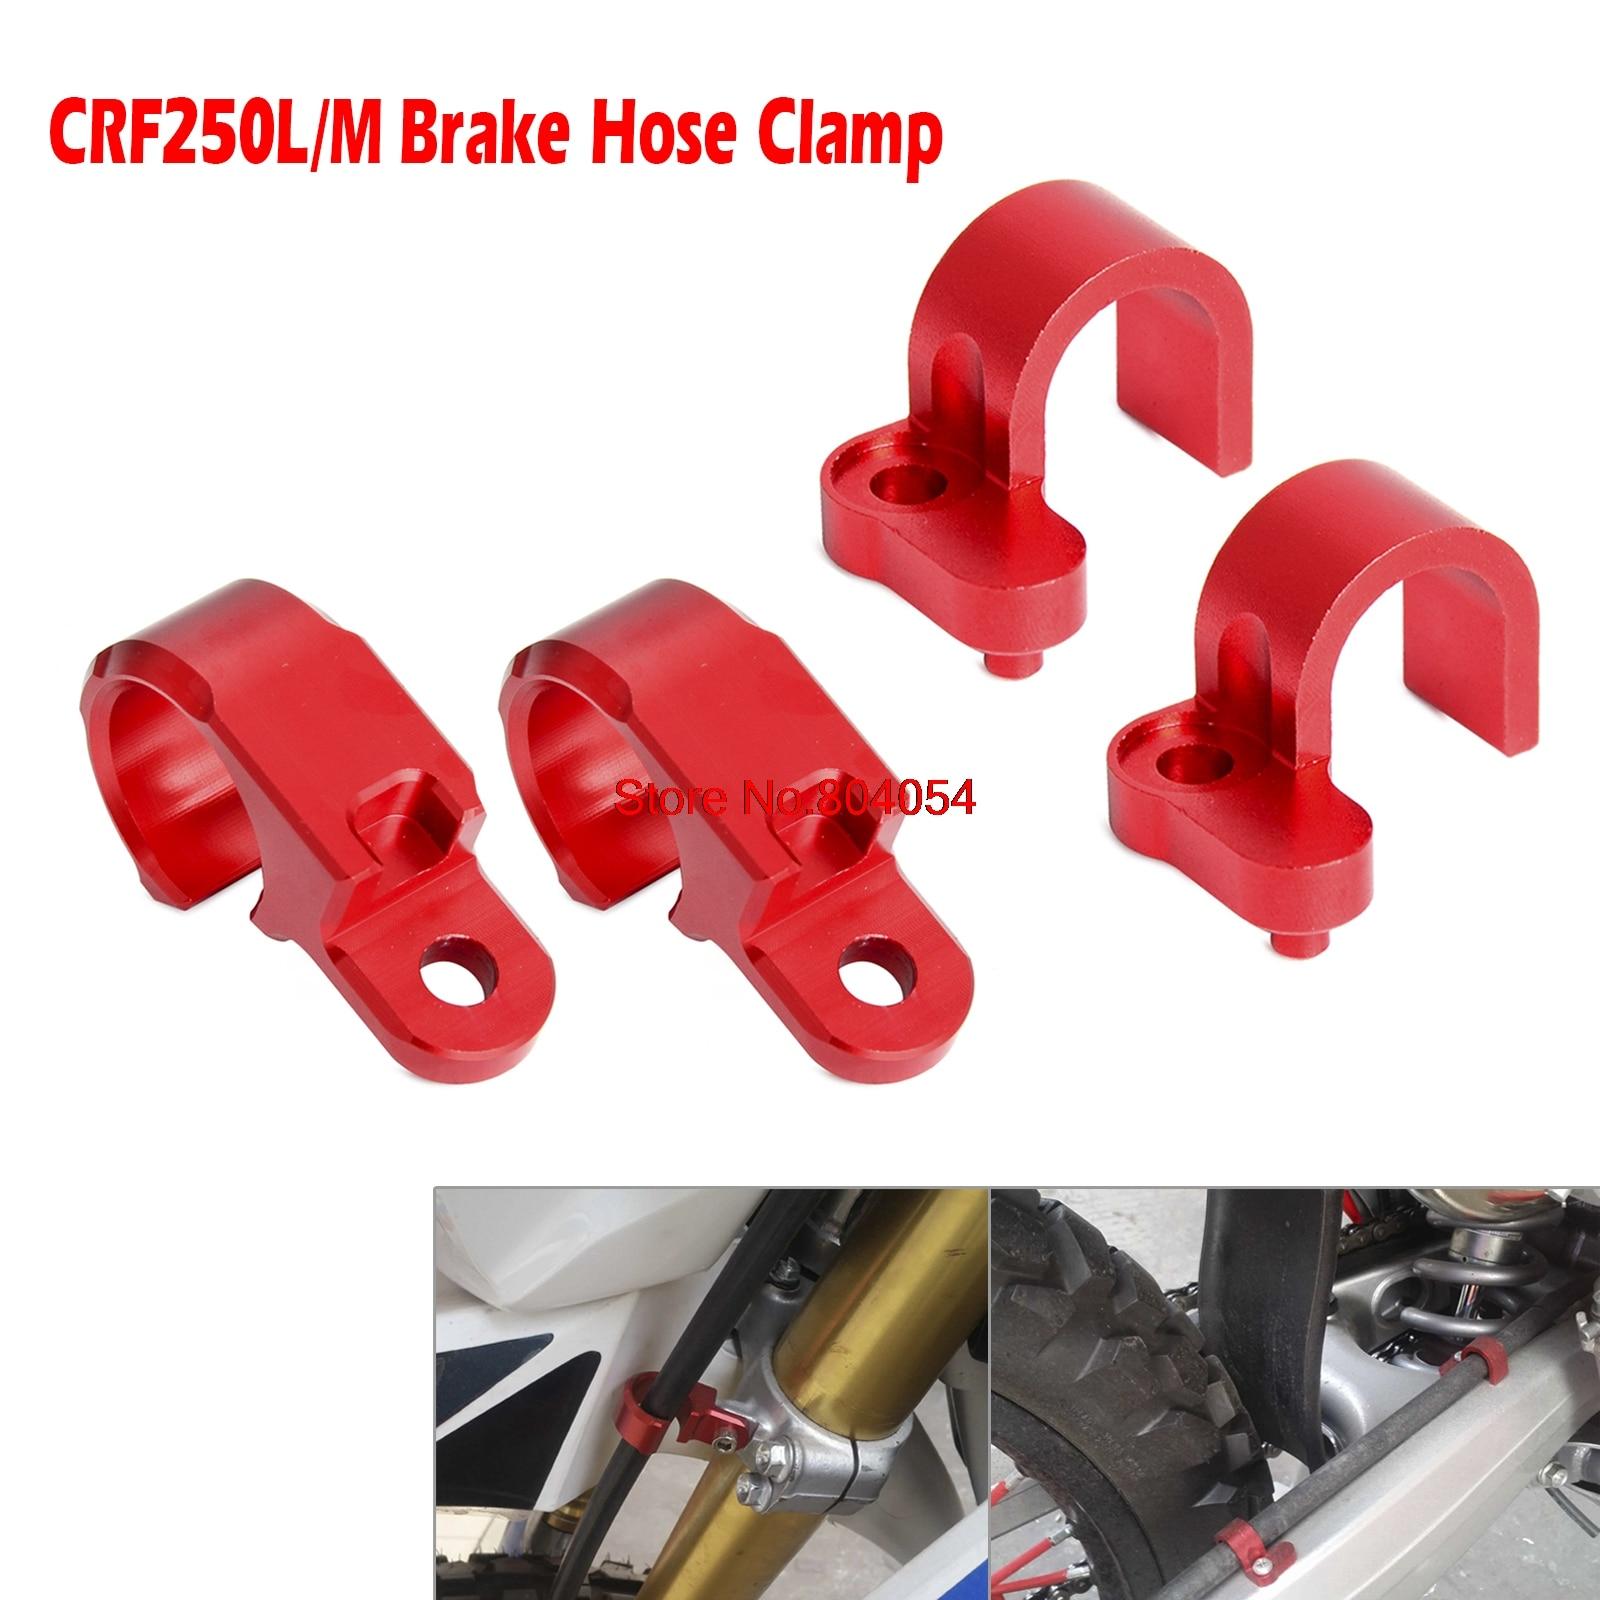 CNC Front & Rear Brake Line Hose Clamp Holder For Honda CRF250L CRF250M 2012 - 2015 2013 2014 CRF250 L/M cnc front brake line hose clamps holder for suzuki rm85 rm125 rm250 rmz250 rmz450 rmx450z drz400sm motorcycle